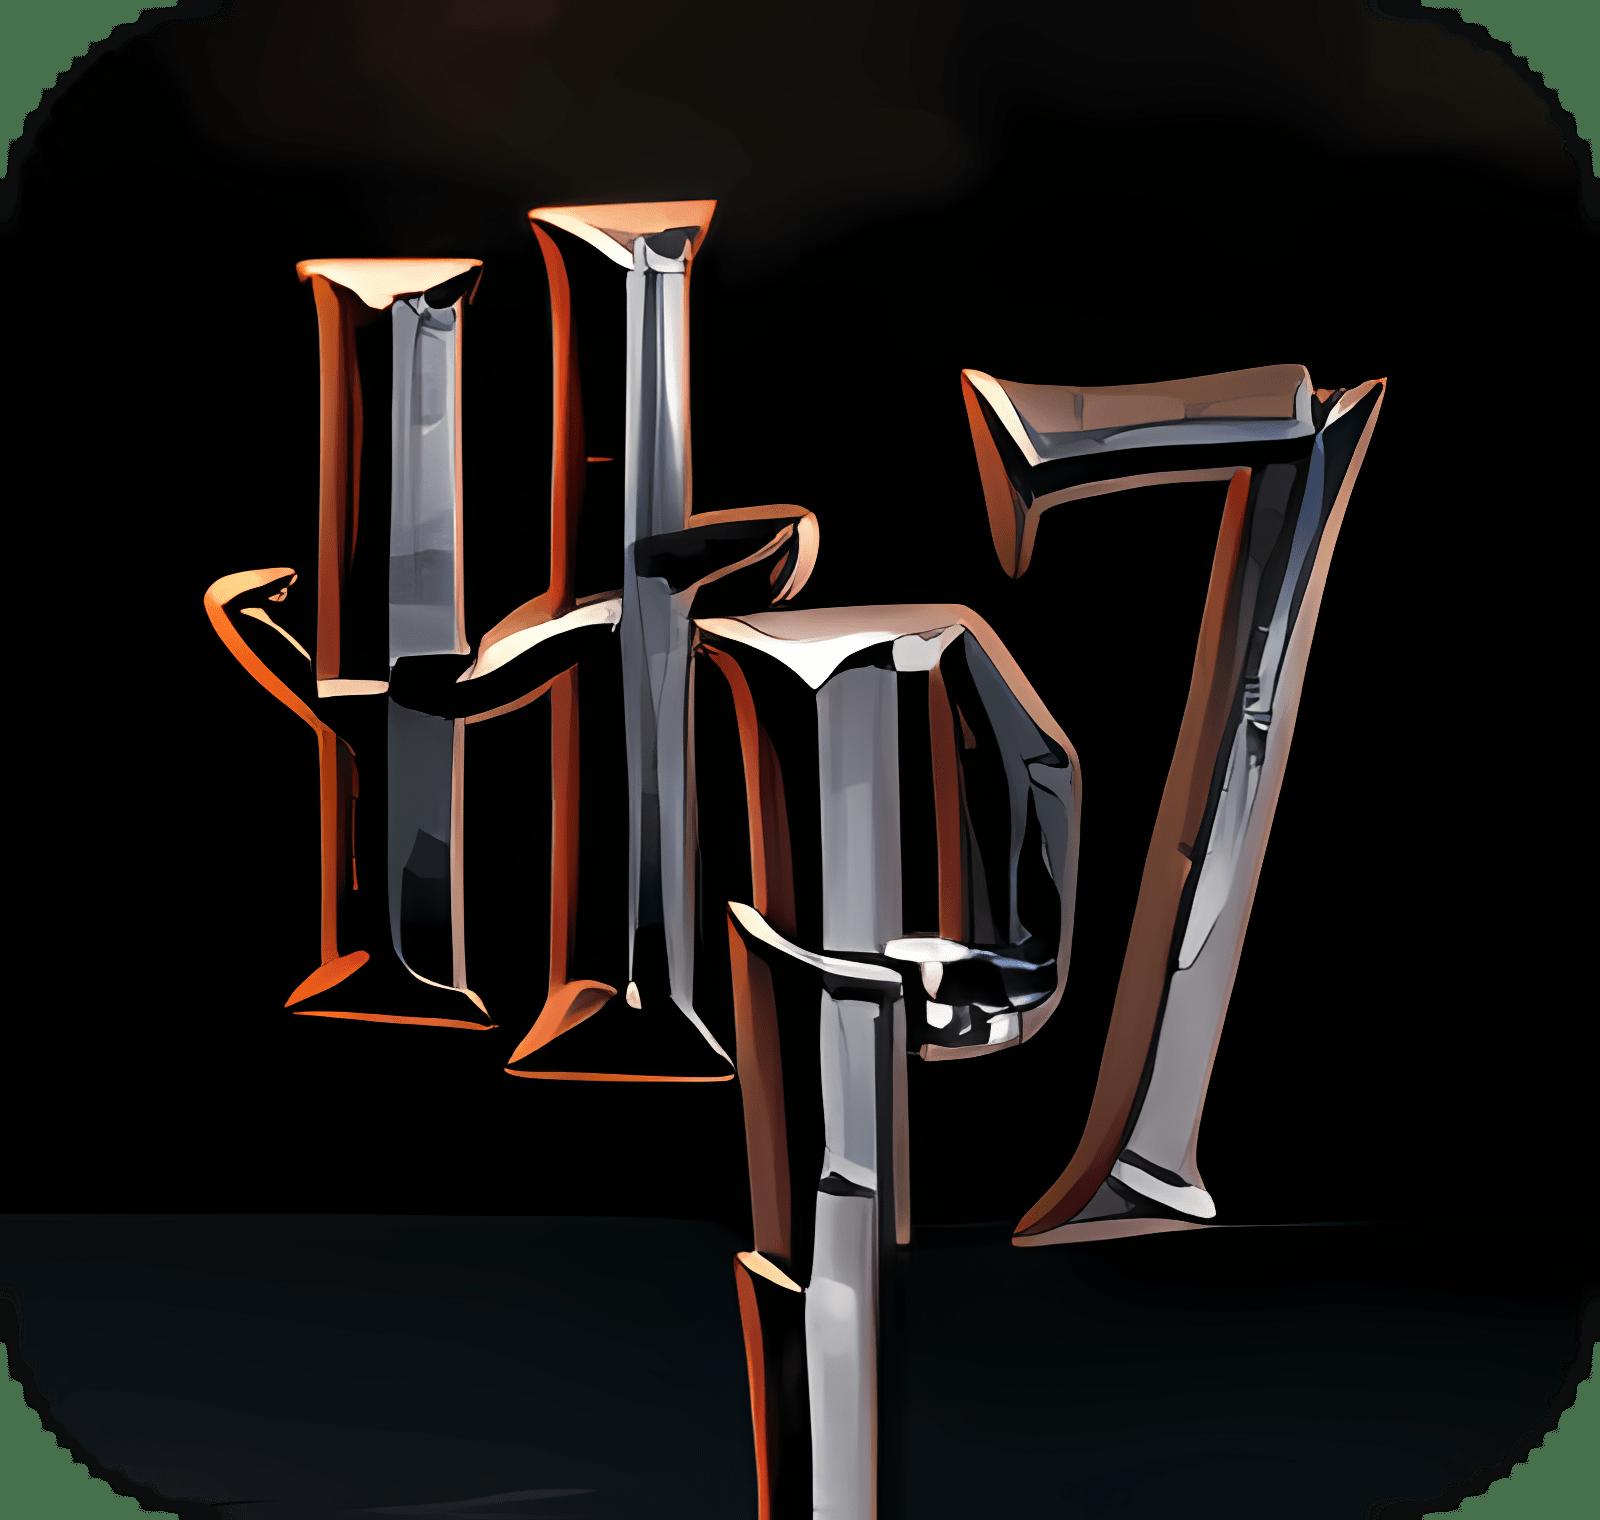 Harry Potter e i Doni della Morte Screensaver